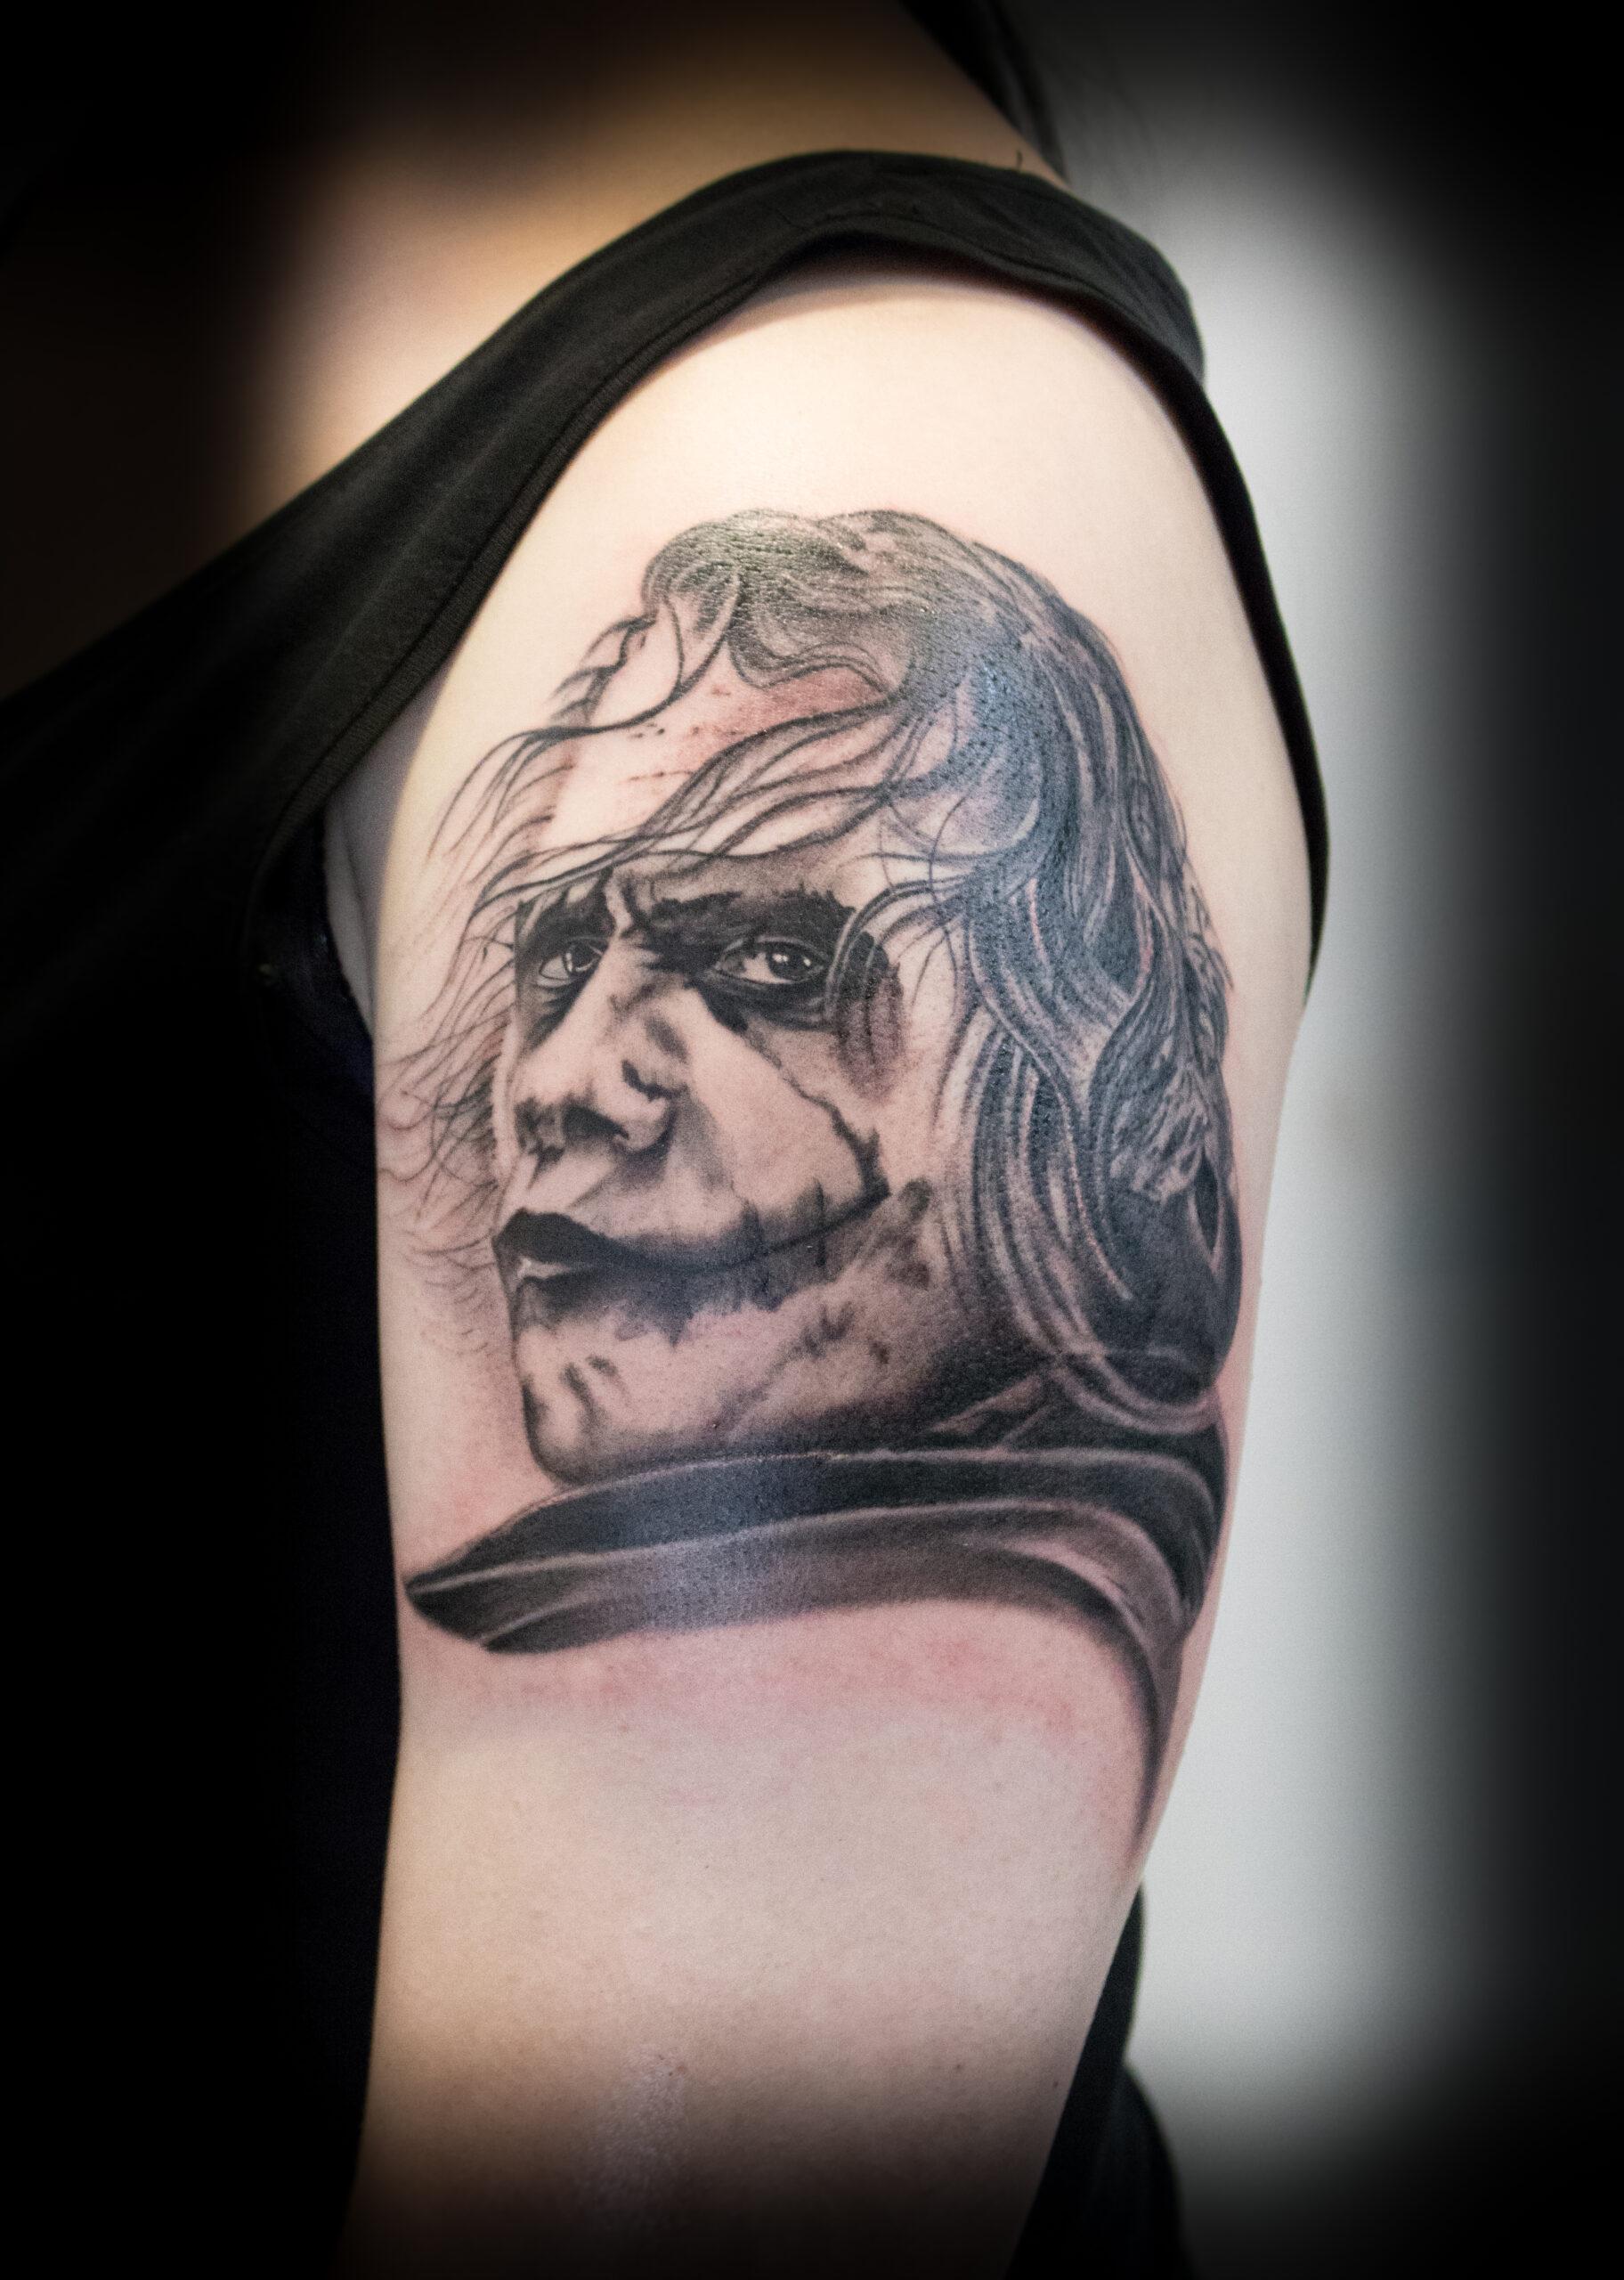 Capt. Beasto Tattoo - Joker